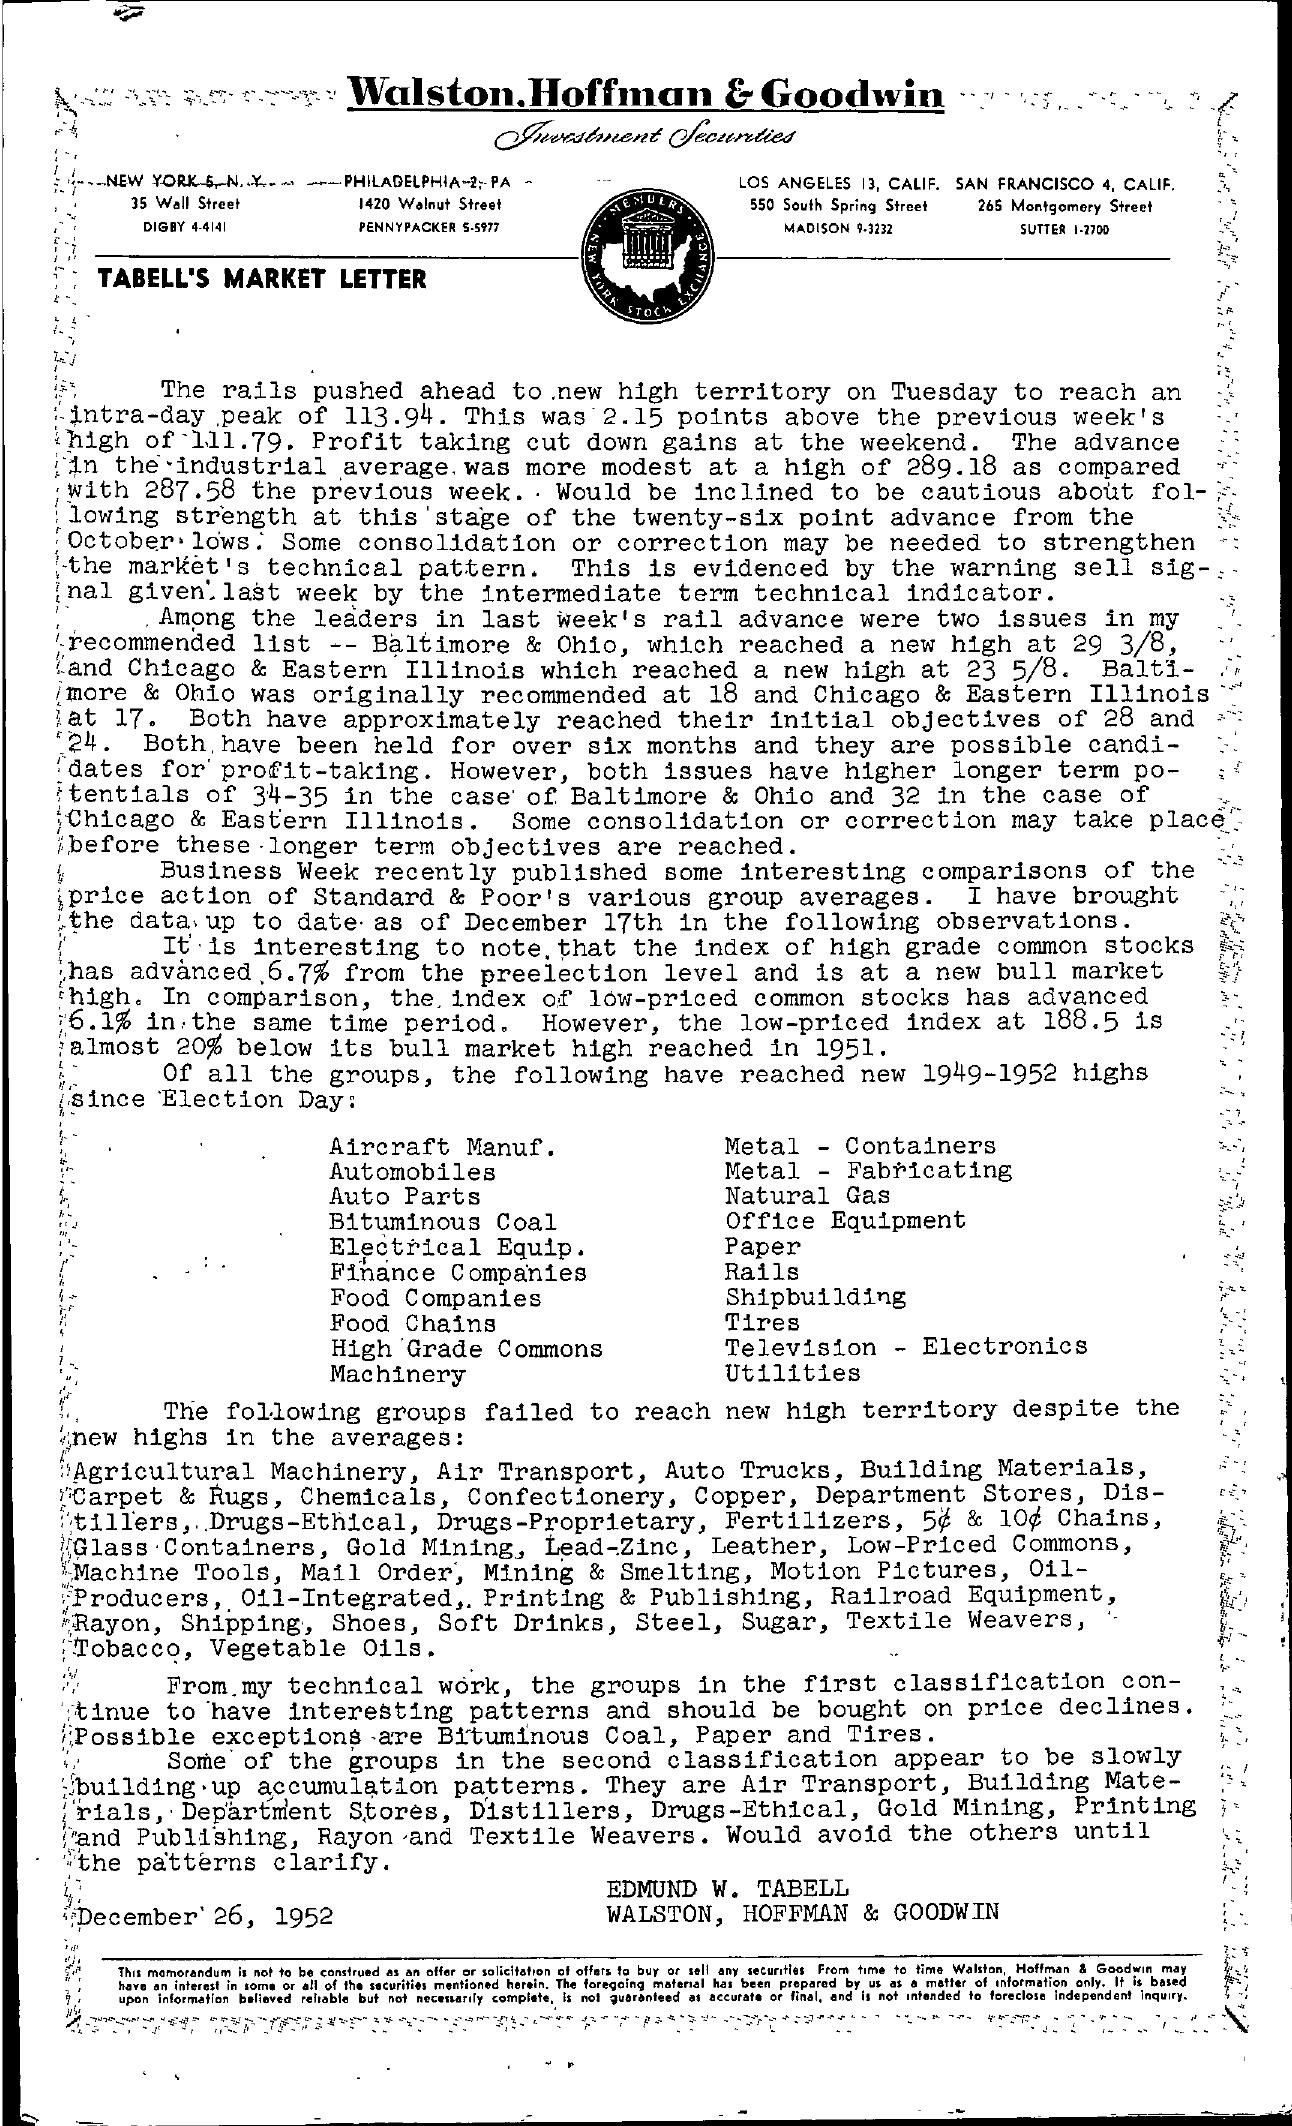 Tabell's Market Letter - December 26, 1952